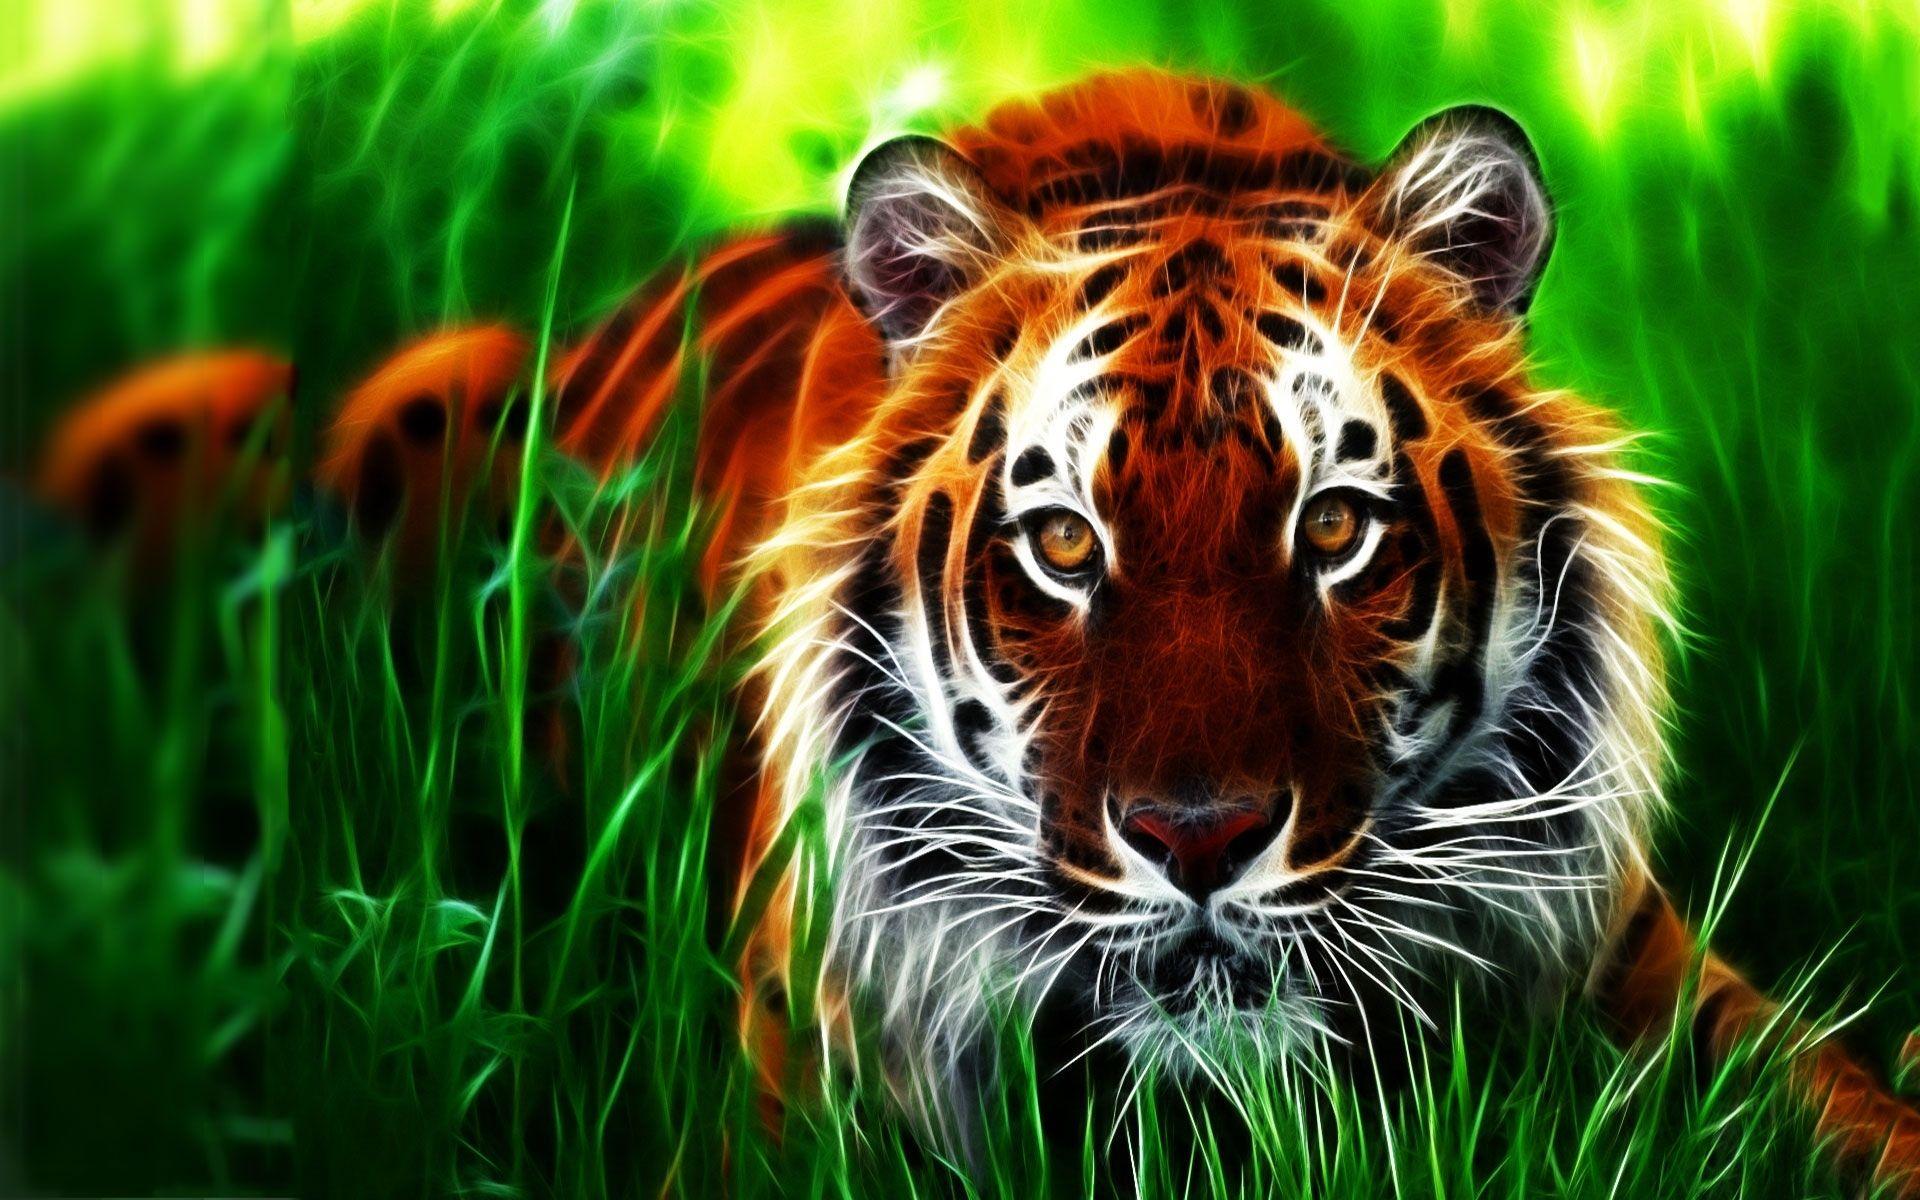 Wallpaper download hd new - Download 3d Tiger Wallpaper Download Hd New 3d Tiger Wallpaper Download Download Download 3d Tiger